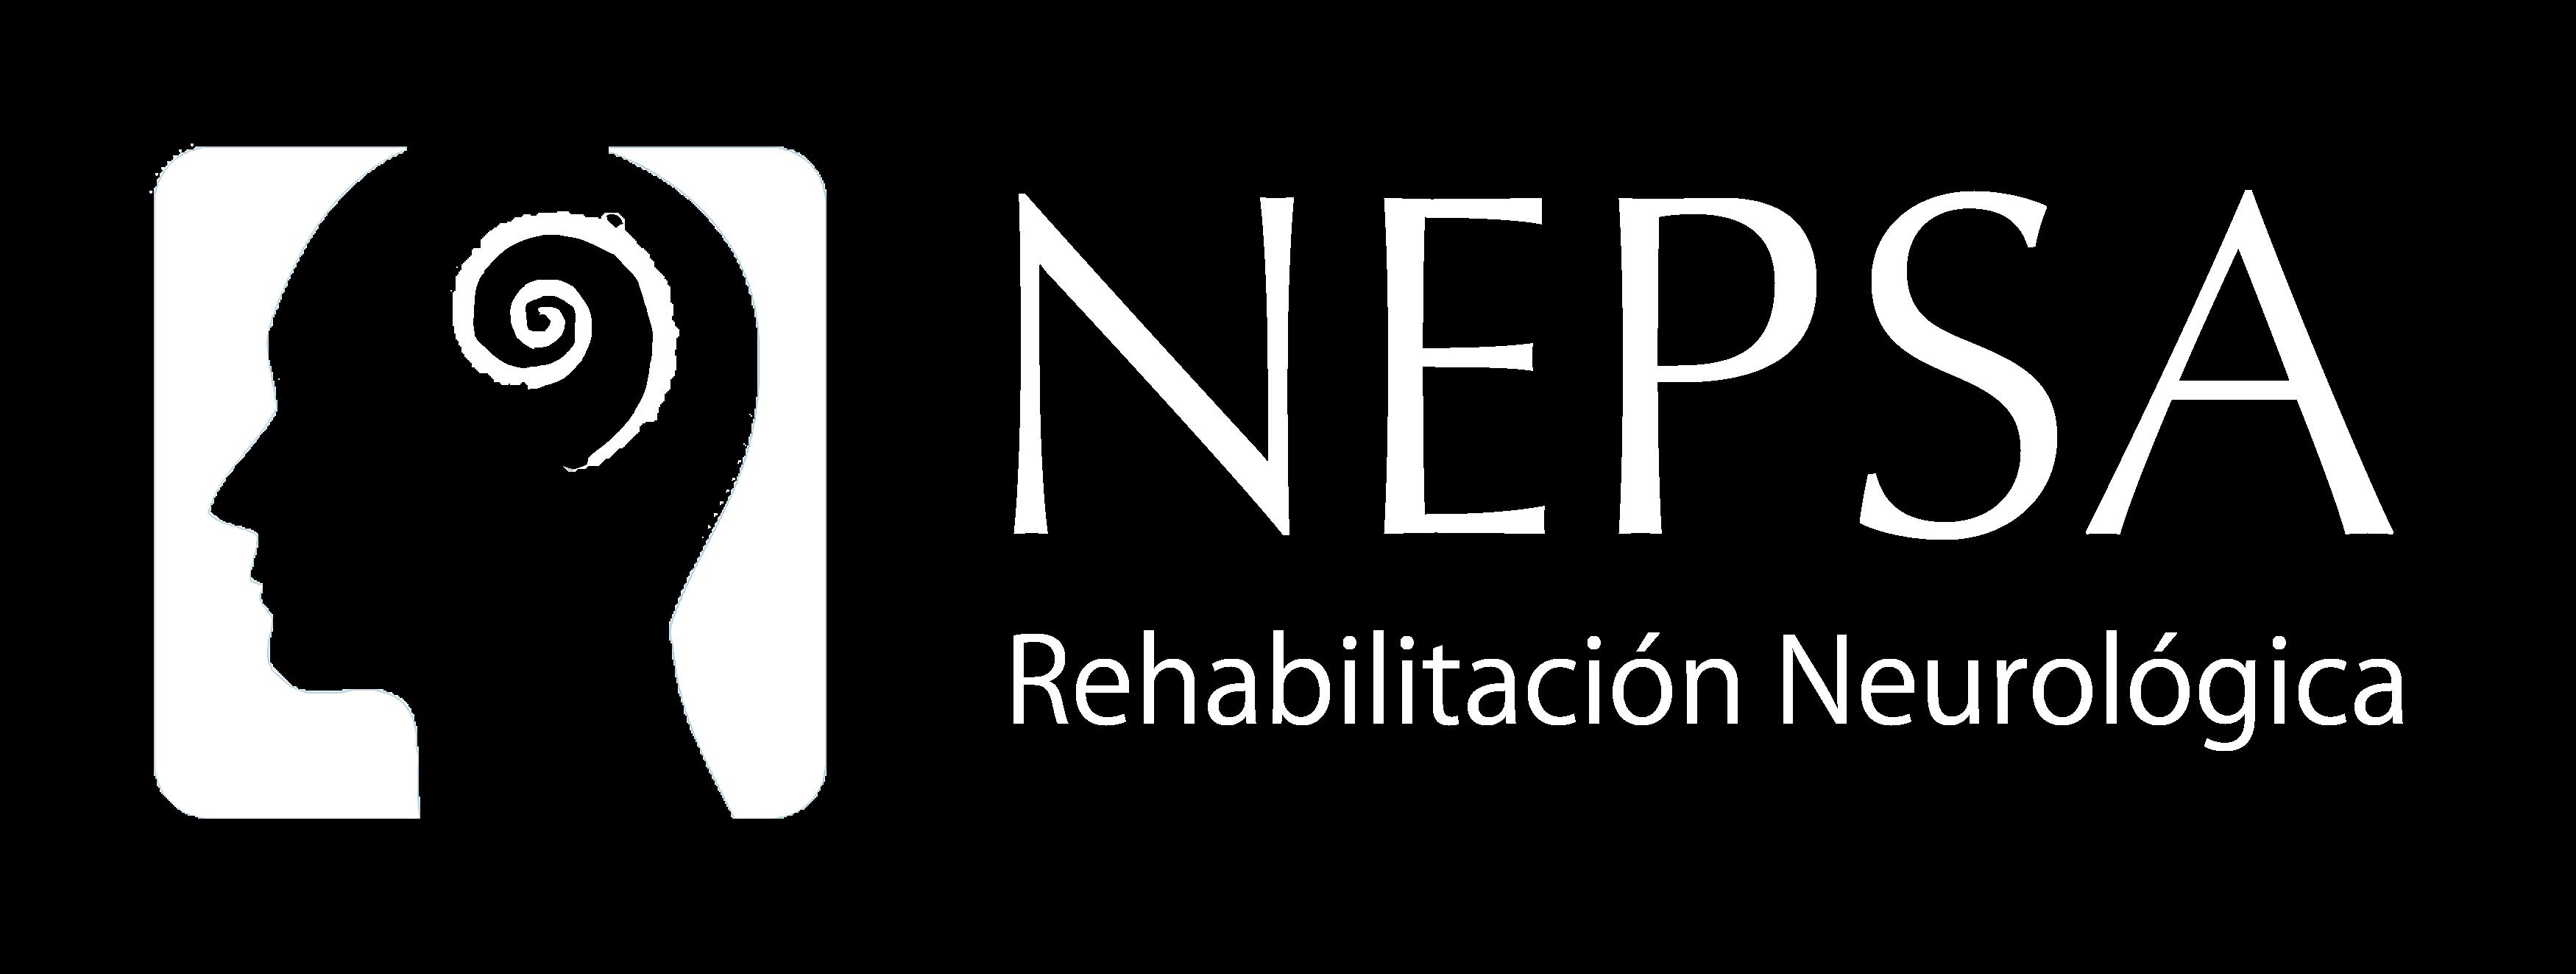 Nepsa Rehabilitación Neurológica